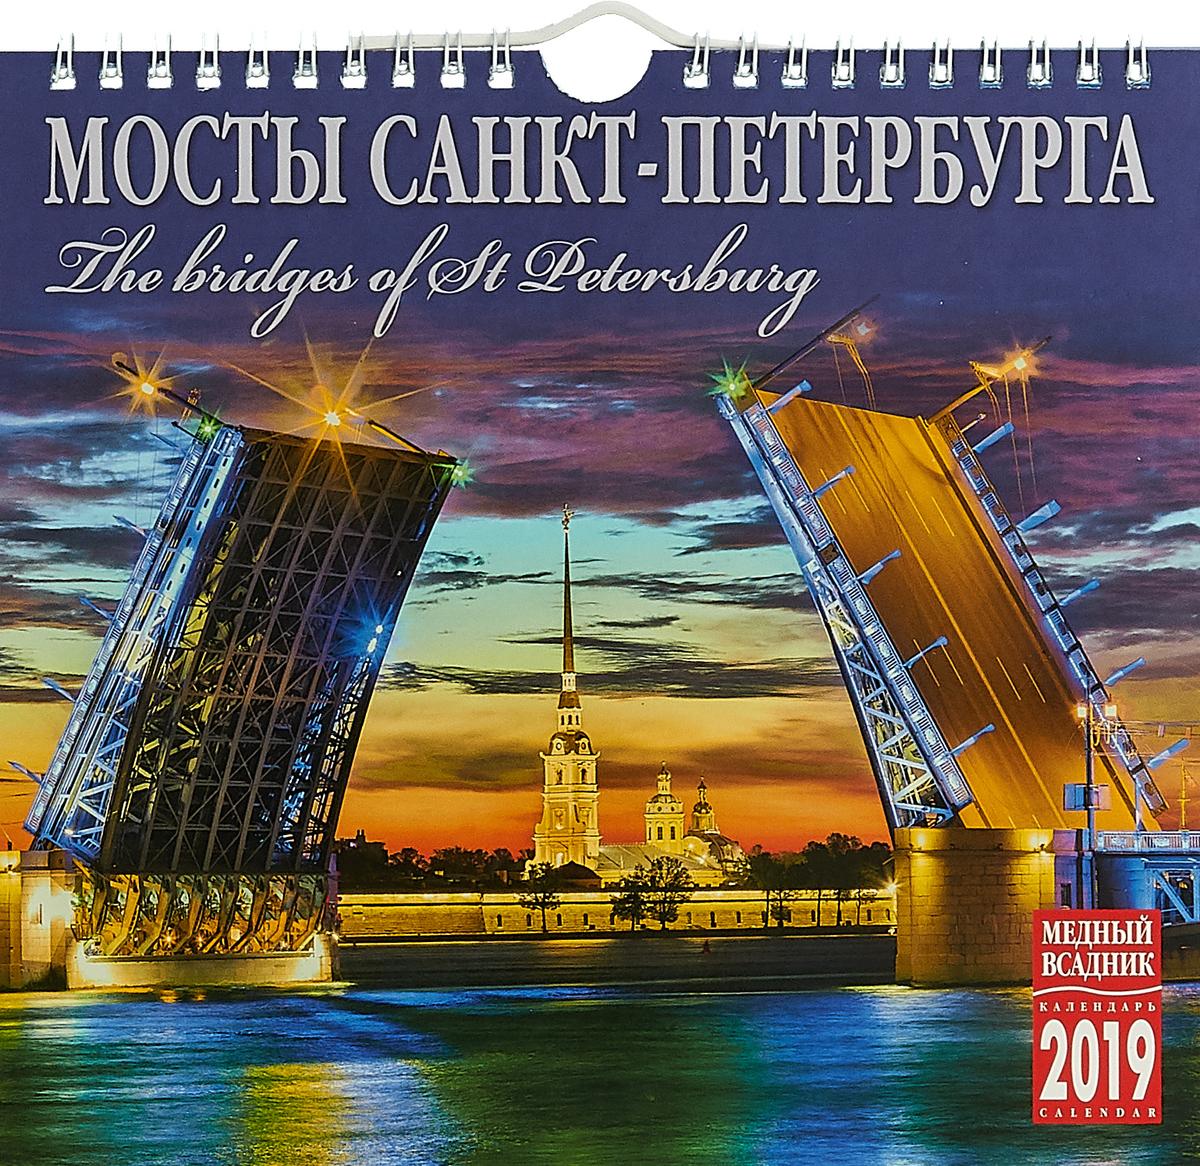 Календарь на спирали на 2019 год. Мосты Санкт-Петербурга календарь на спирали на 2019 год русь православная